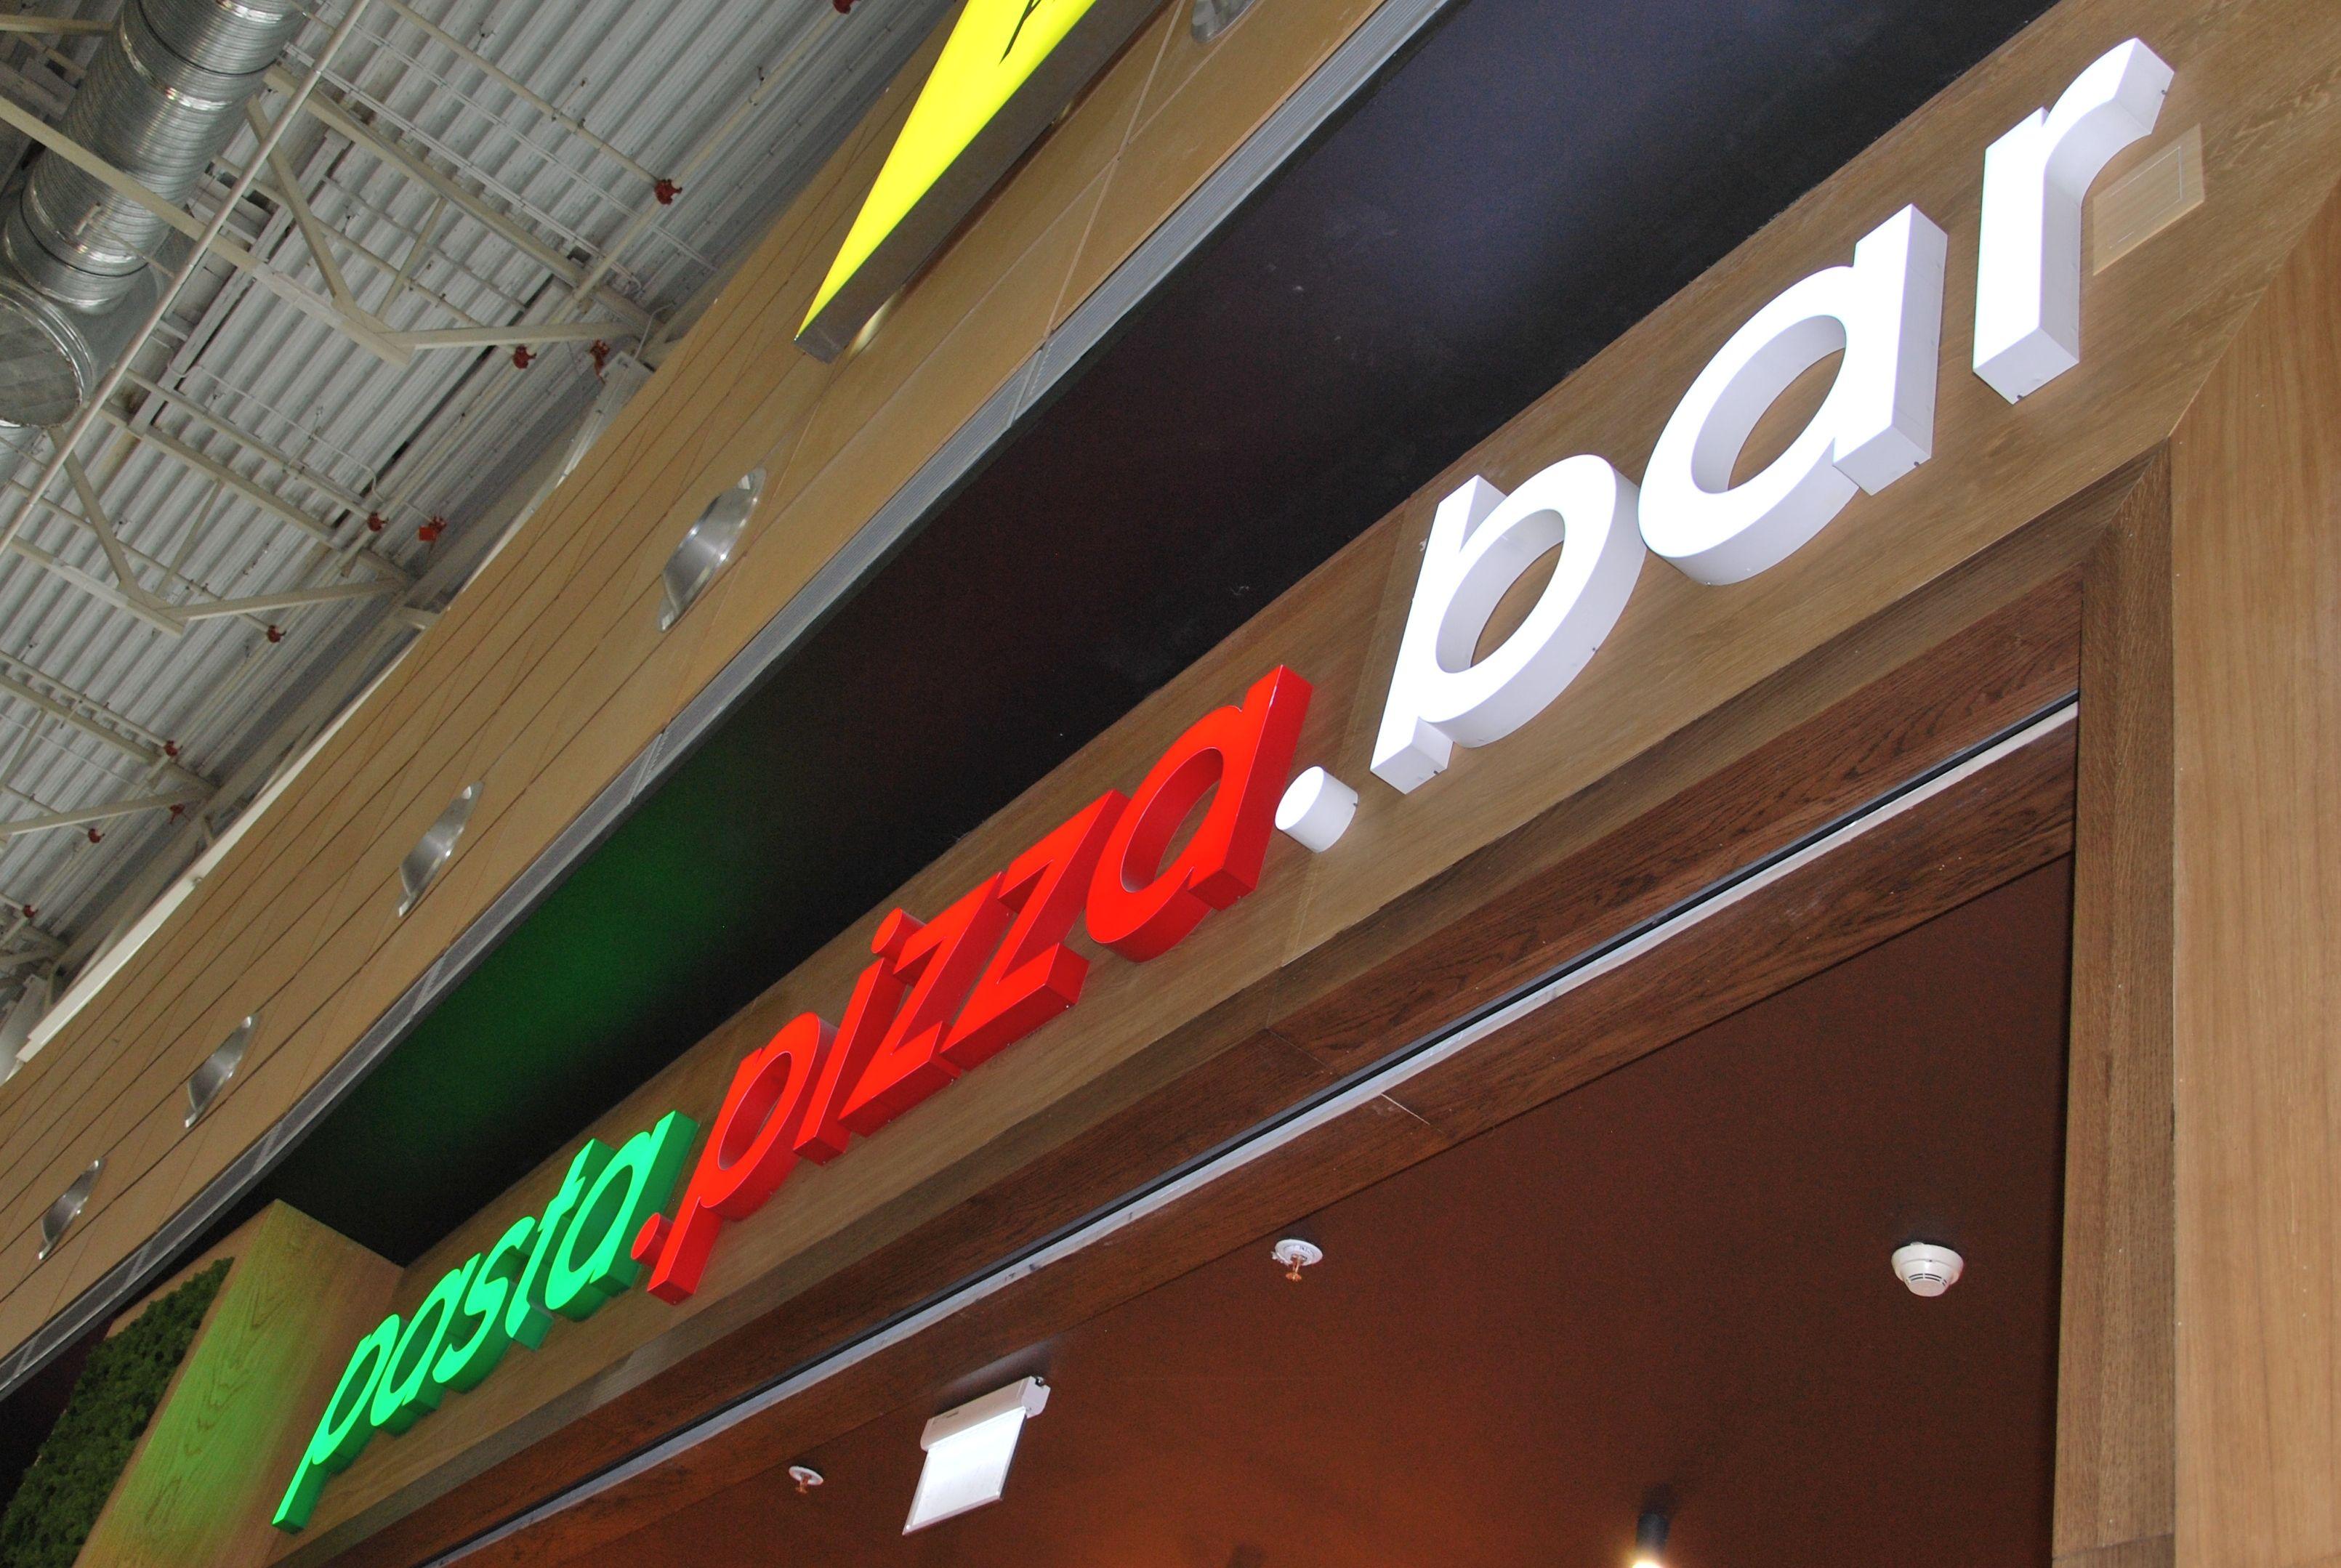 Объёмные световые буквы, дизайн, проектирование, ресторан, фуд-корт, логотип, Pizza Pasta